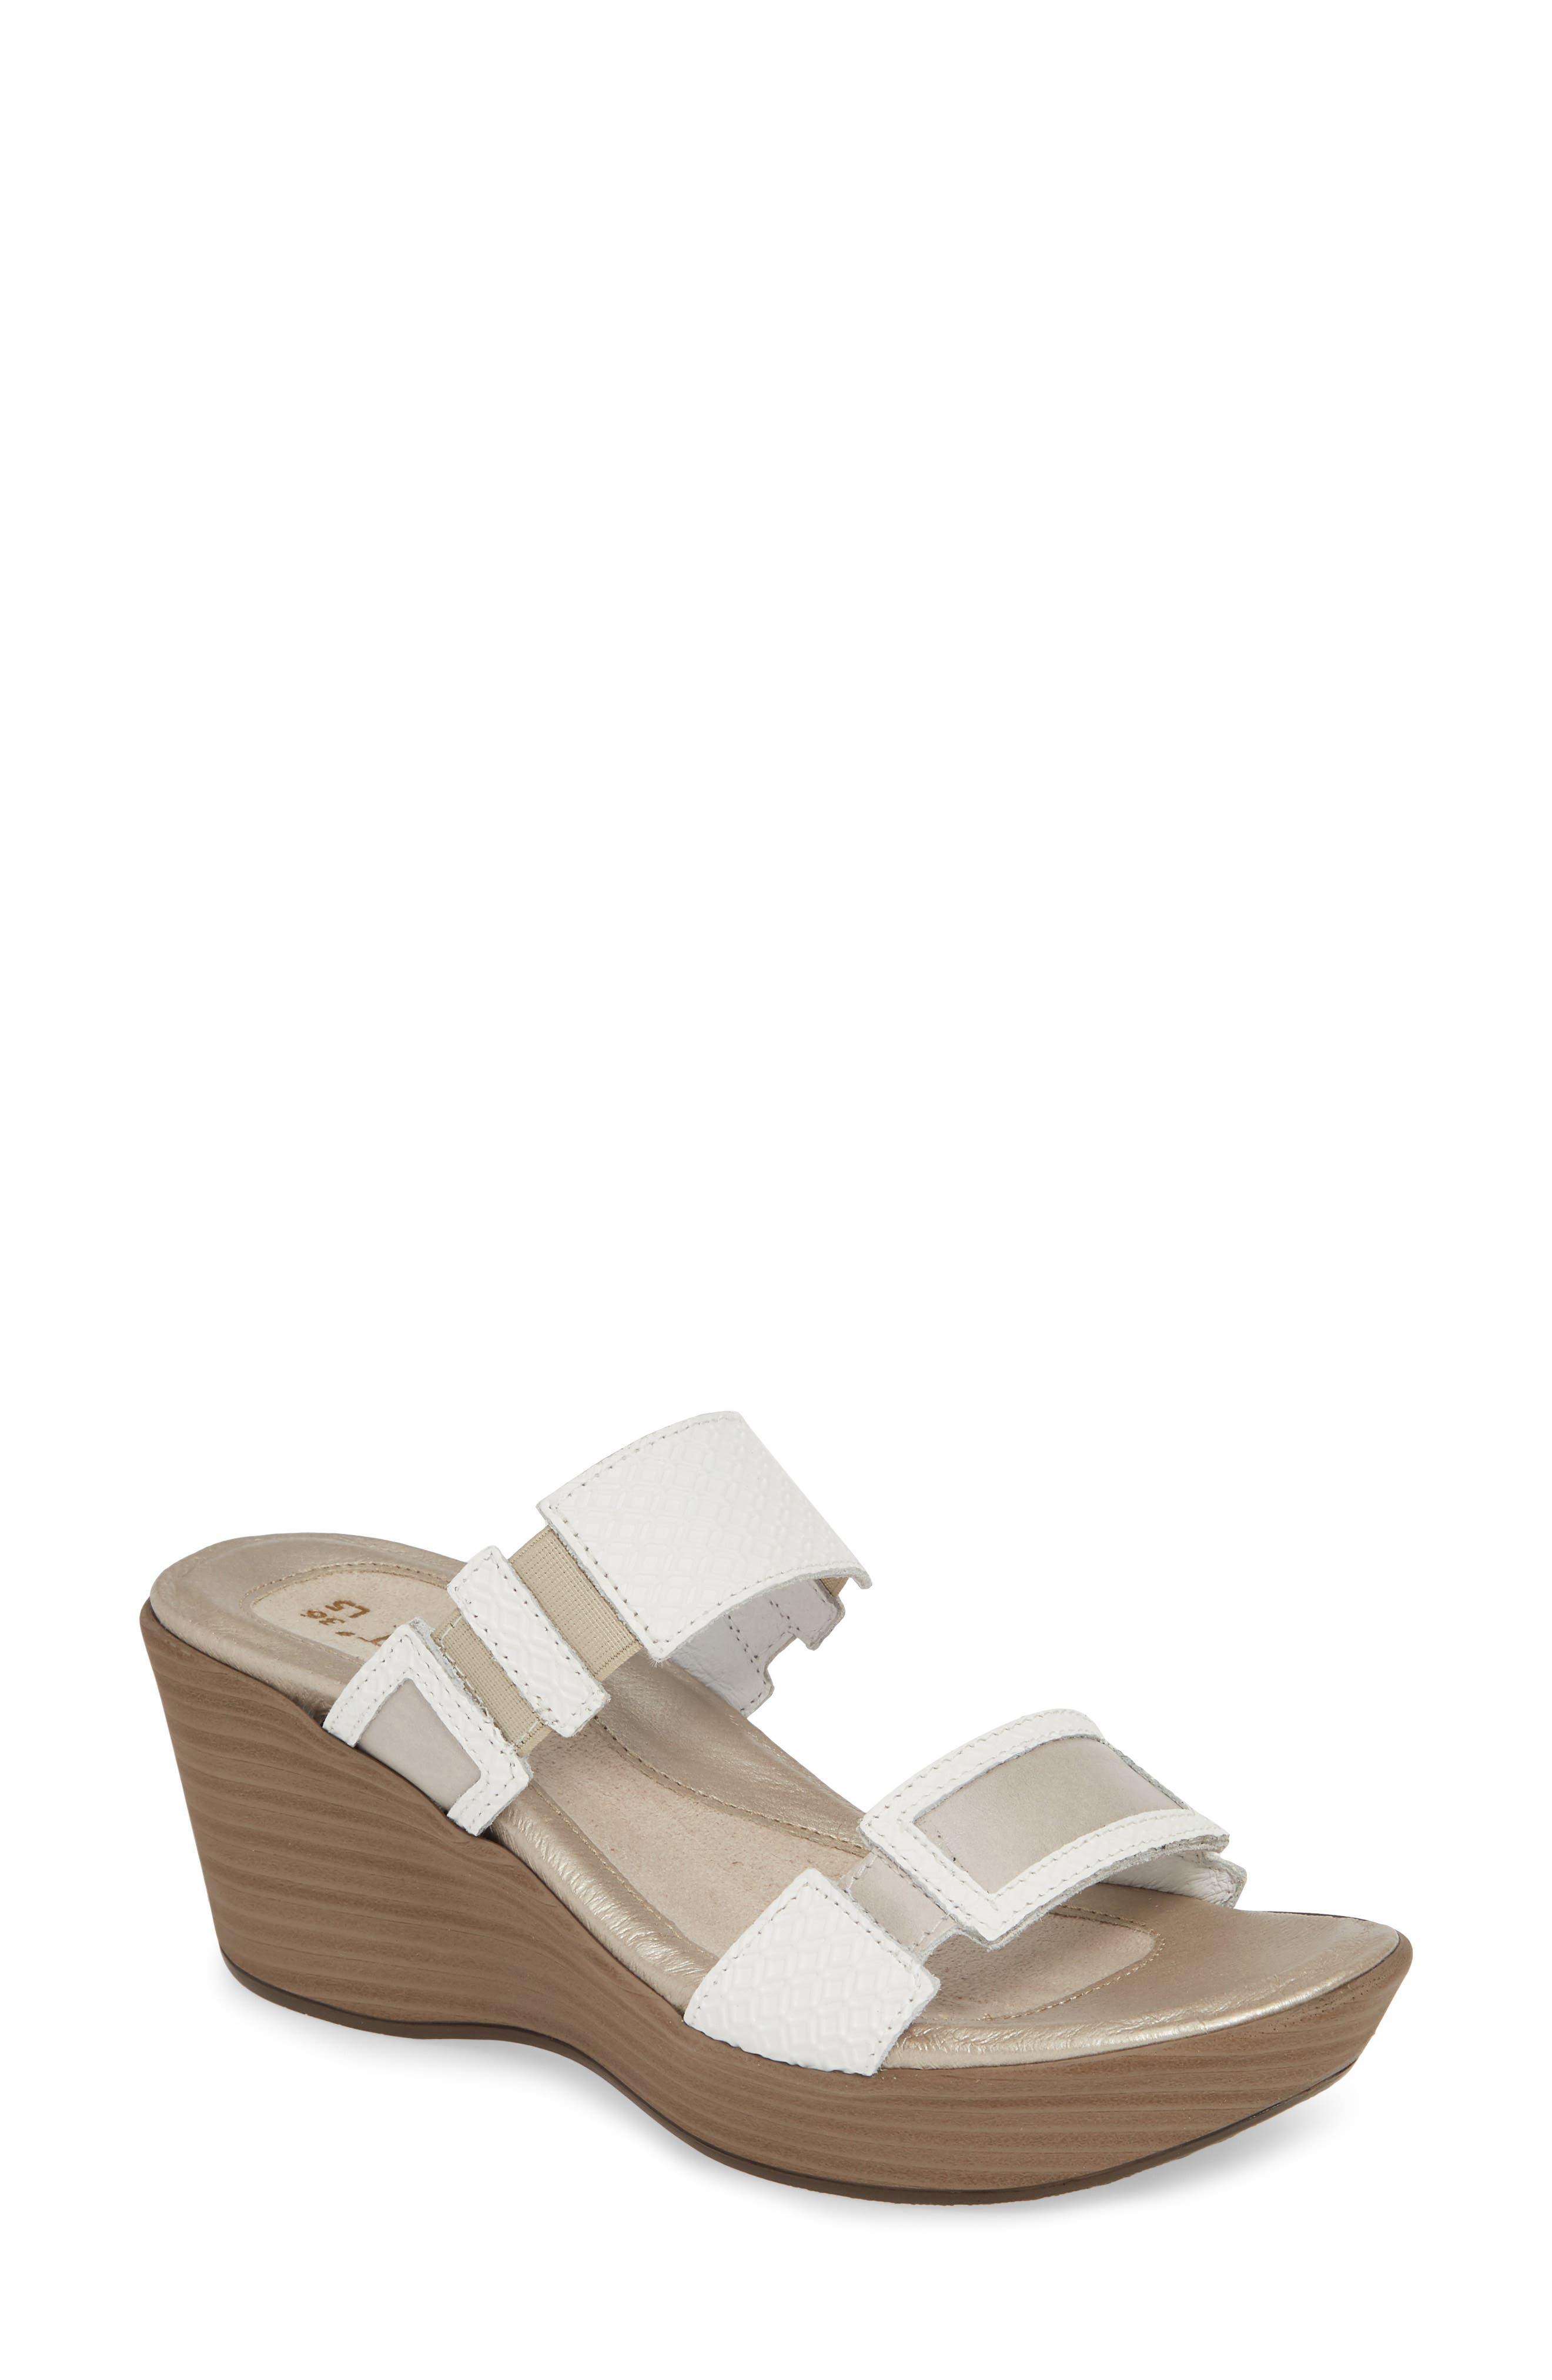 NAOT 'Treasure' Sandal, Main, color, WHITE DIAMOND/ QUARTZ